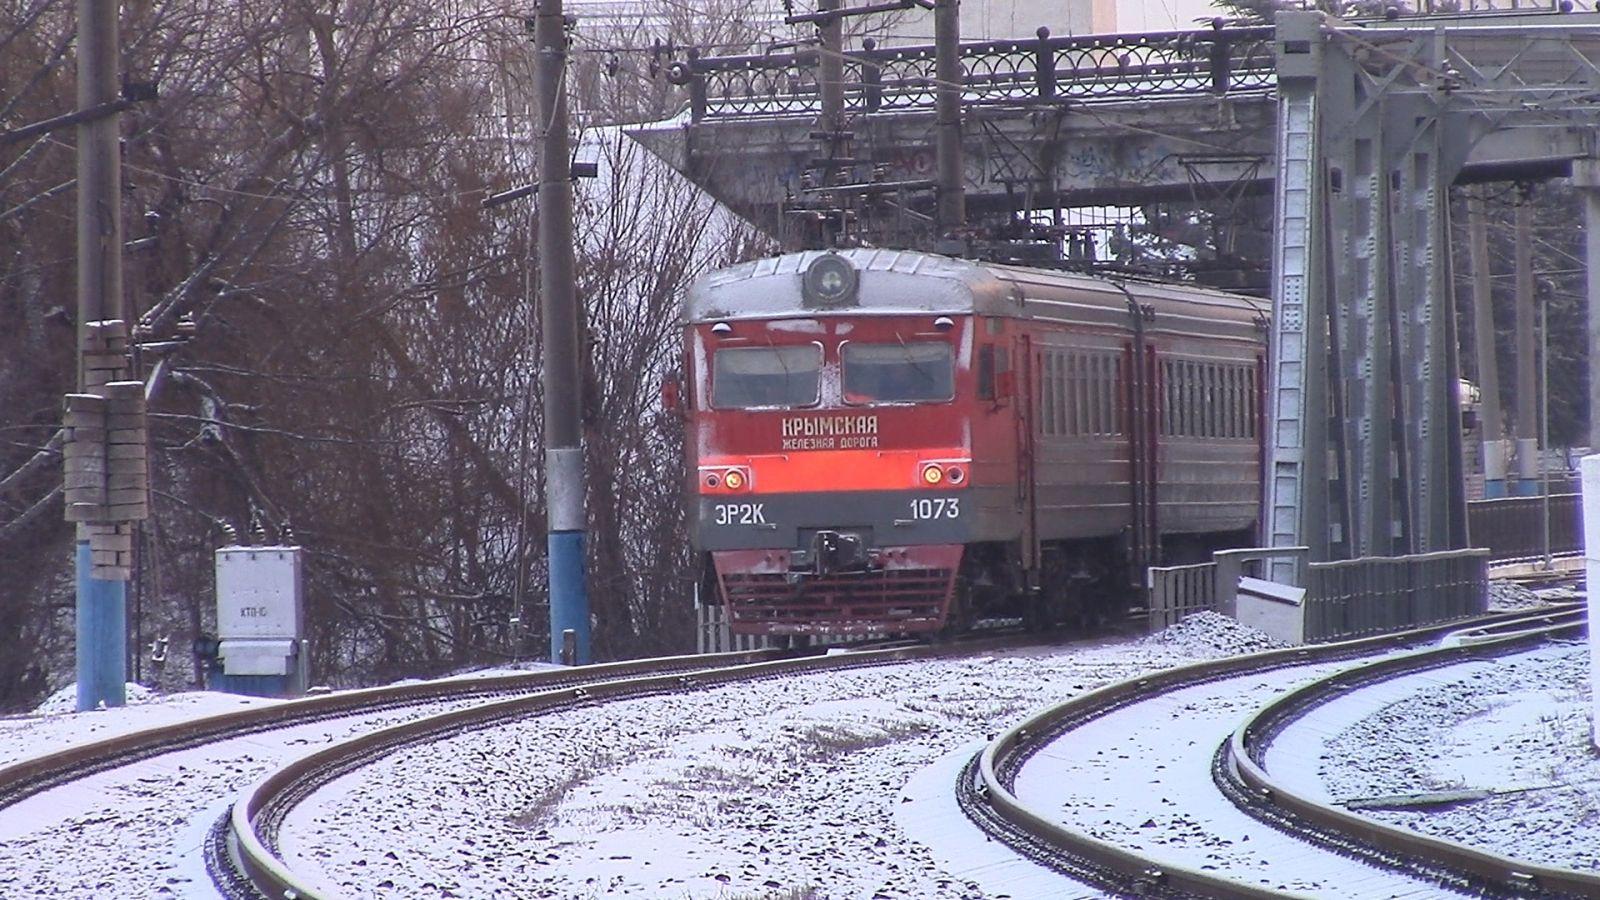 ЭР2К-1073, Крымская Железная Дорога